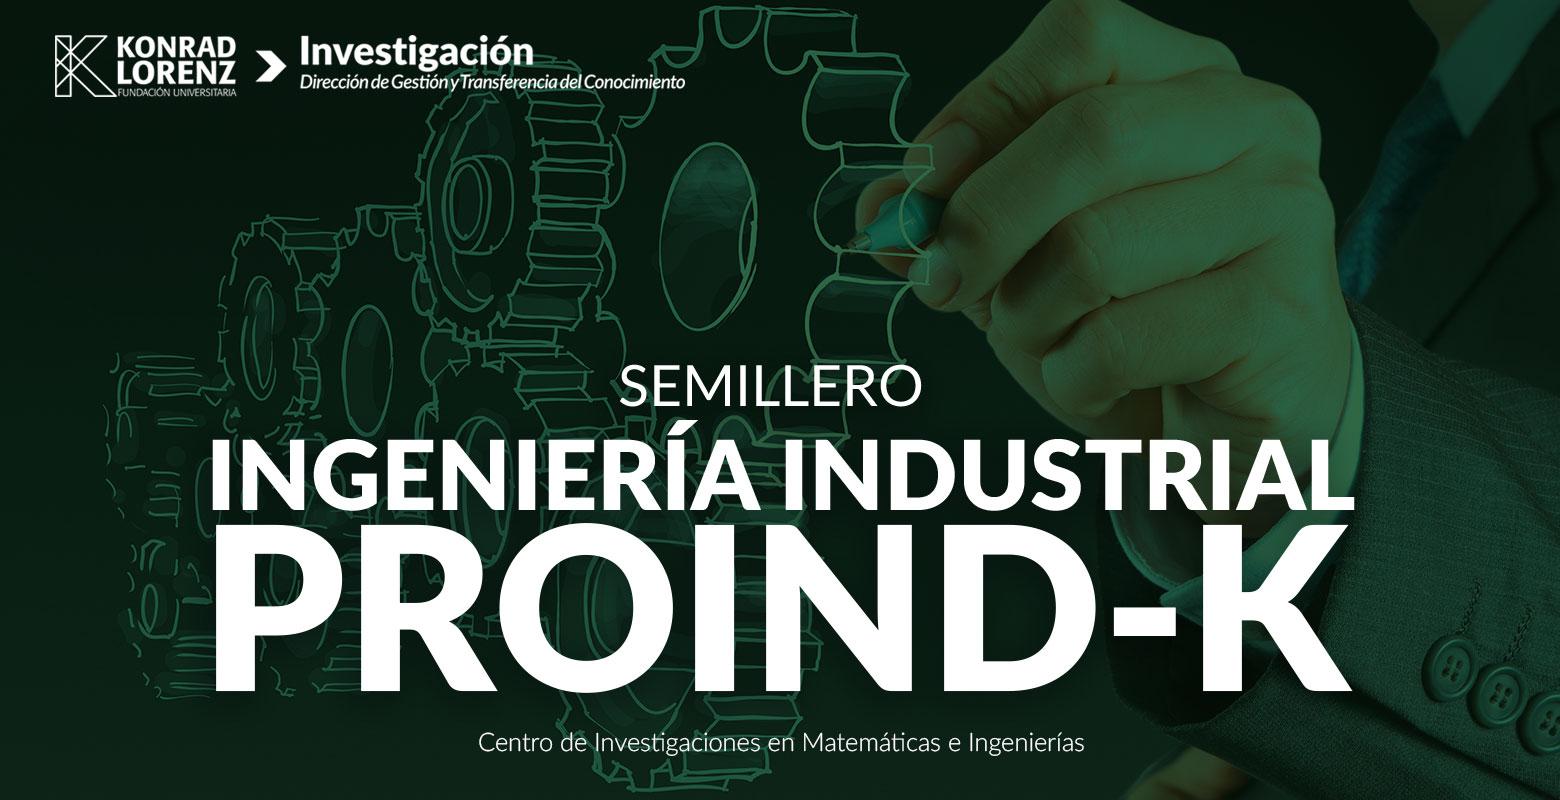 Semillero de Ingeniería Industrial PROIND-K